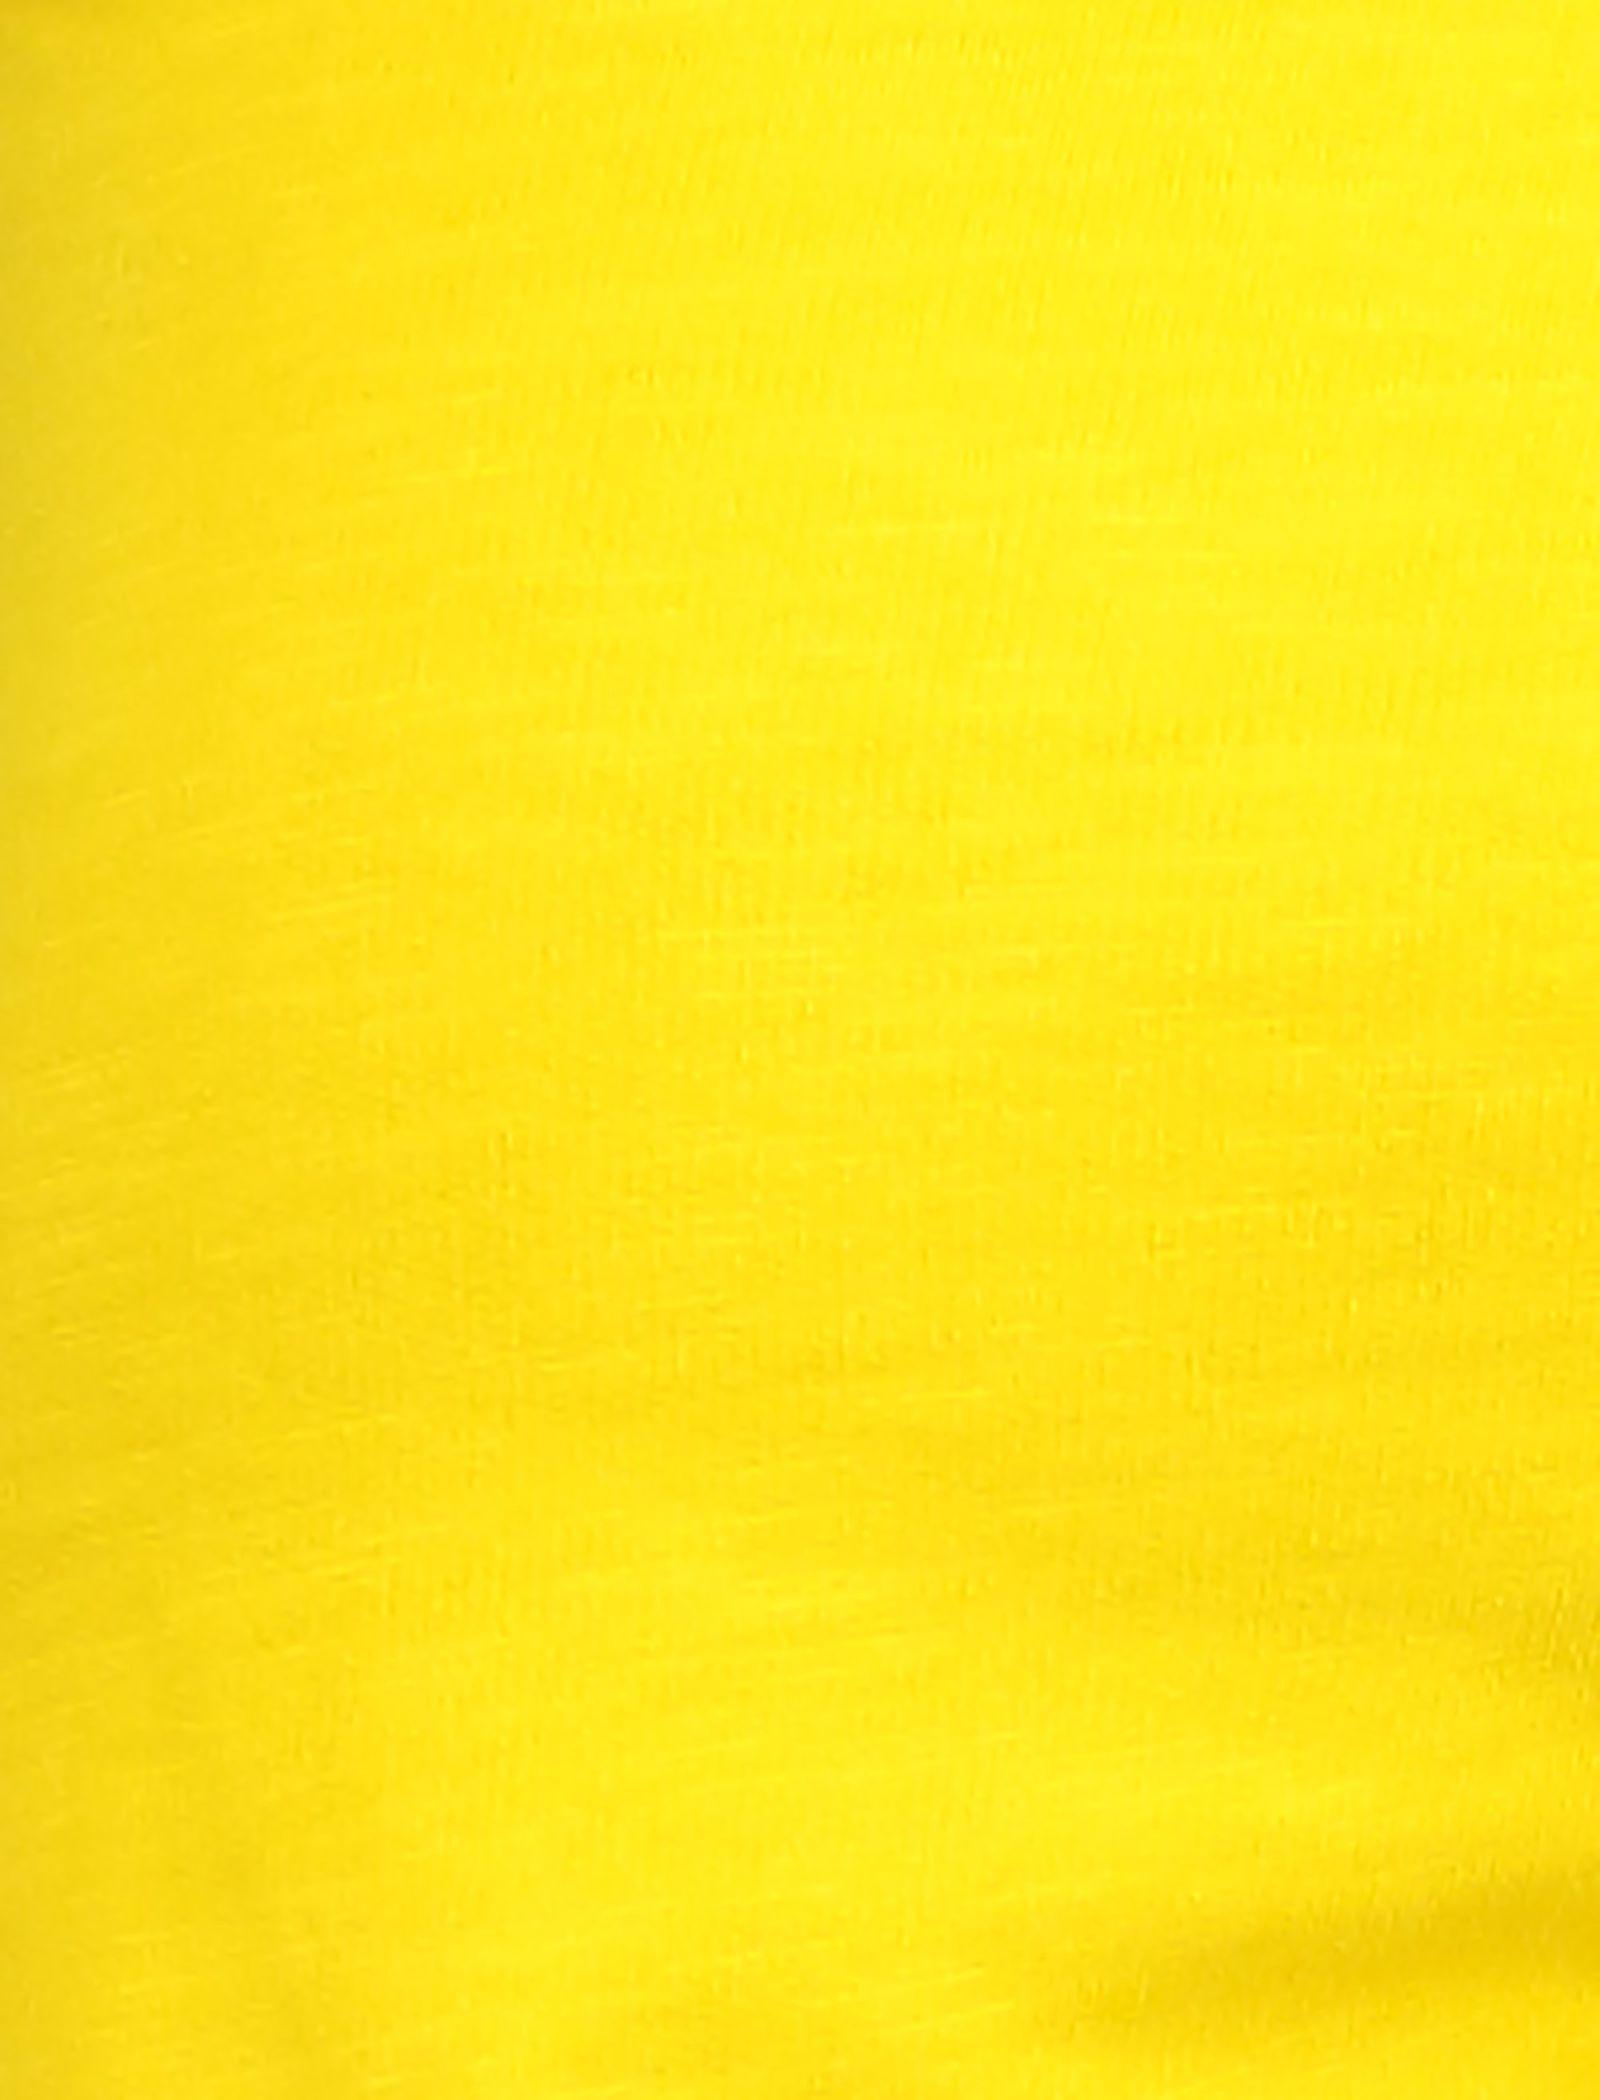 شلوارک نخی ساده دخترانه - یوپیم - زرد - 4